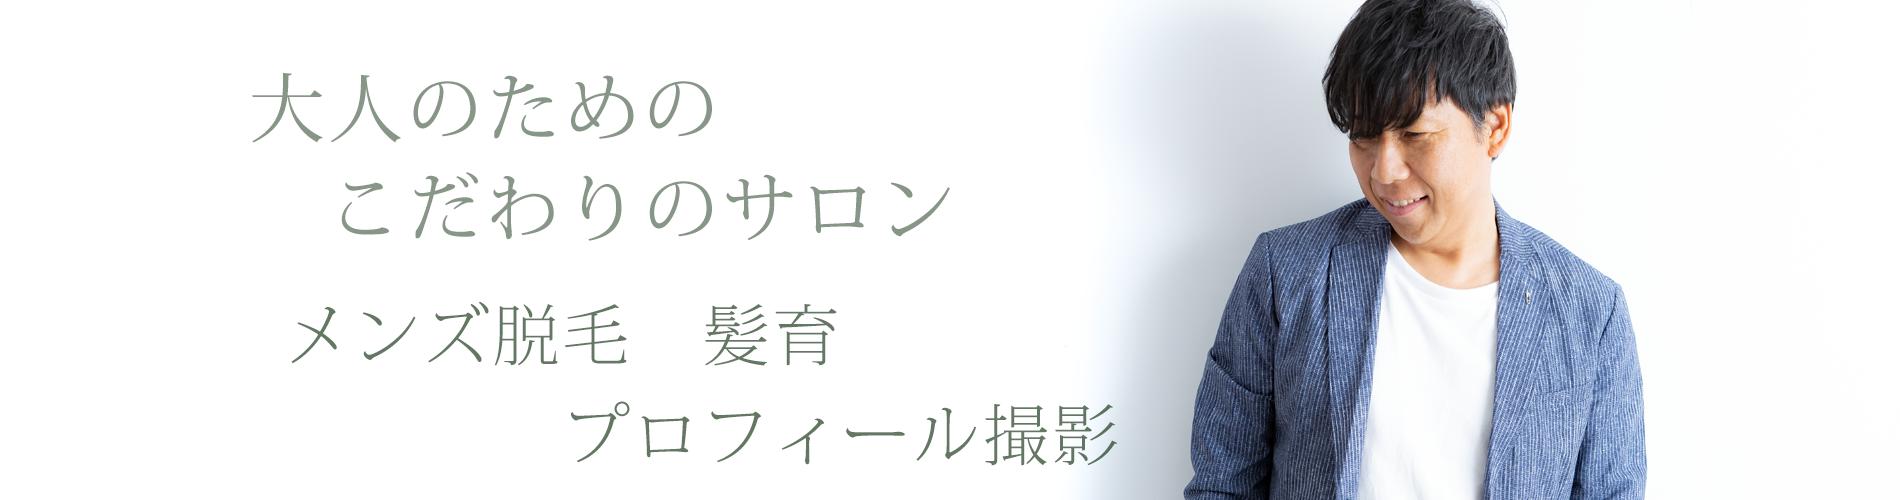 名古屋市守山区のエステスクール|髪育|脱毛|プロフィール撮影|トータルプロデュースKirei